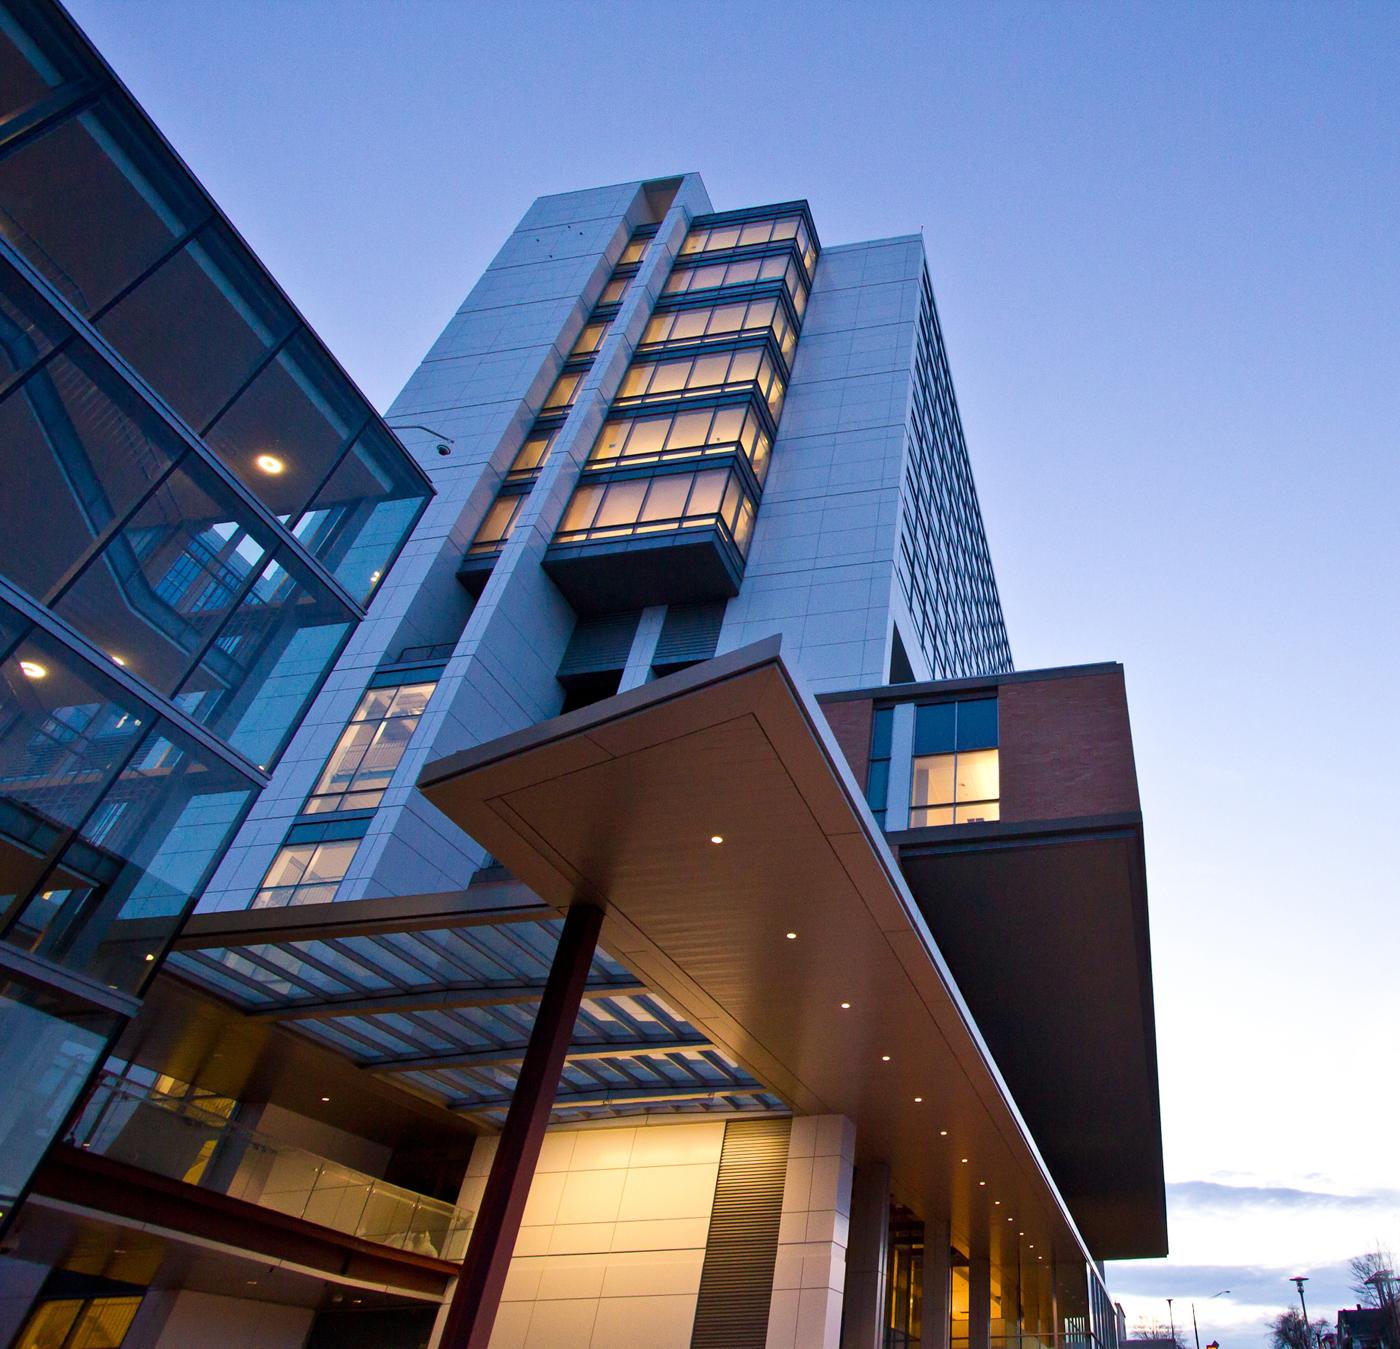 St Joseph Hospital Providence Hospital Everett